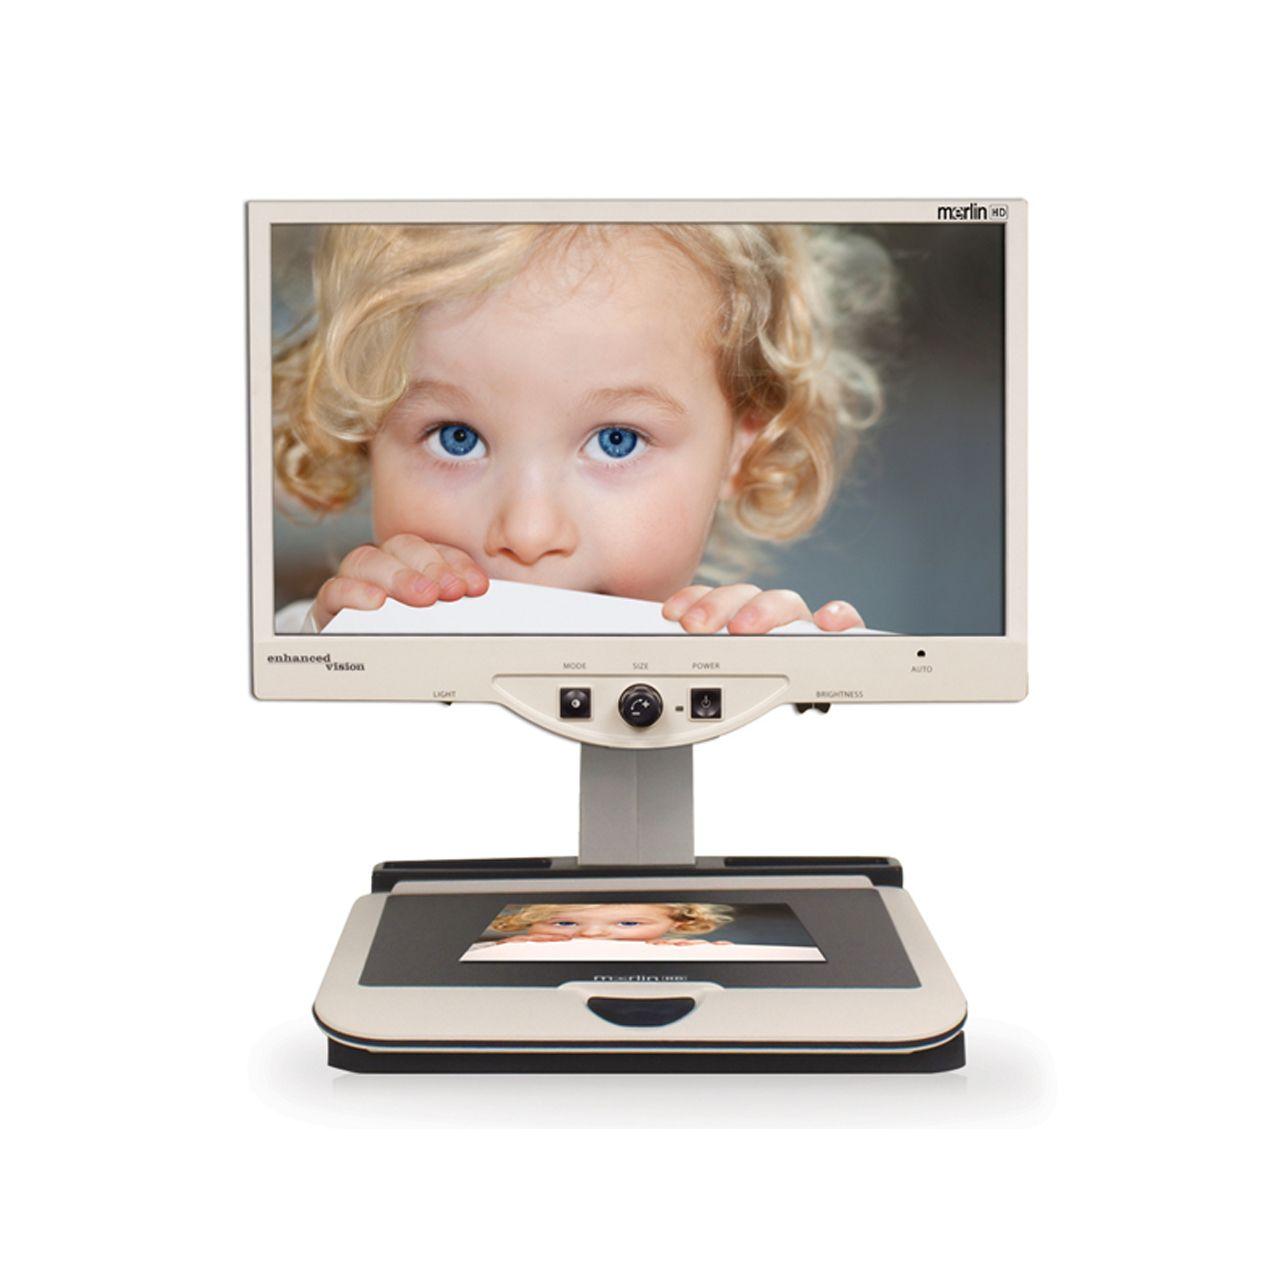 Merlin-beeldschermloep-hulpmiddelen-slechtzienden-erkaafmp01_0000s_0000_voorkant